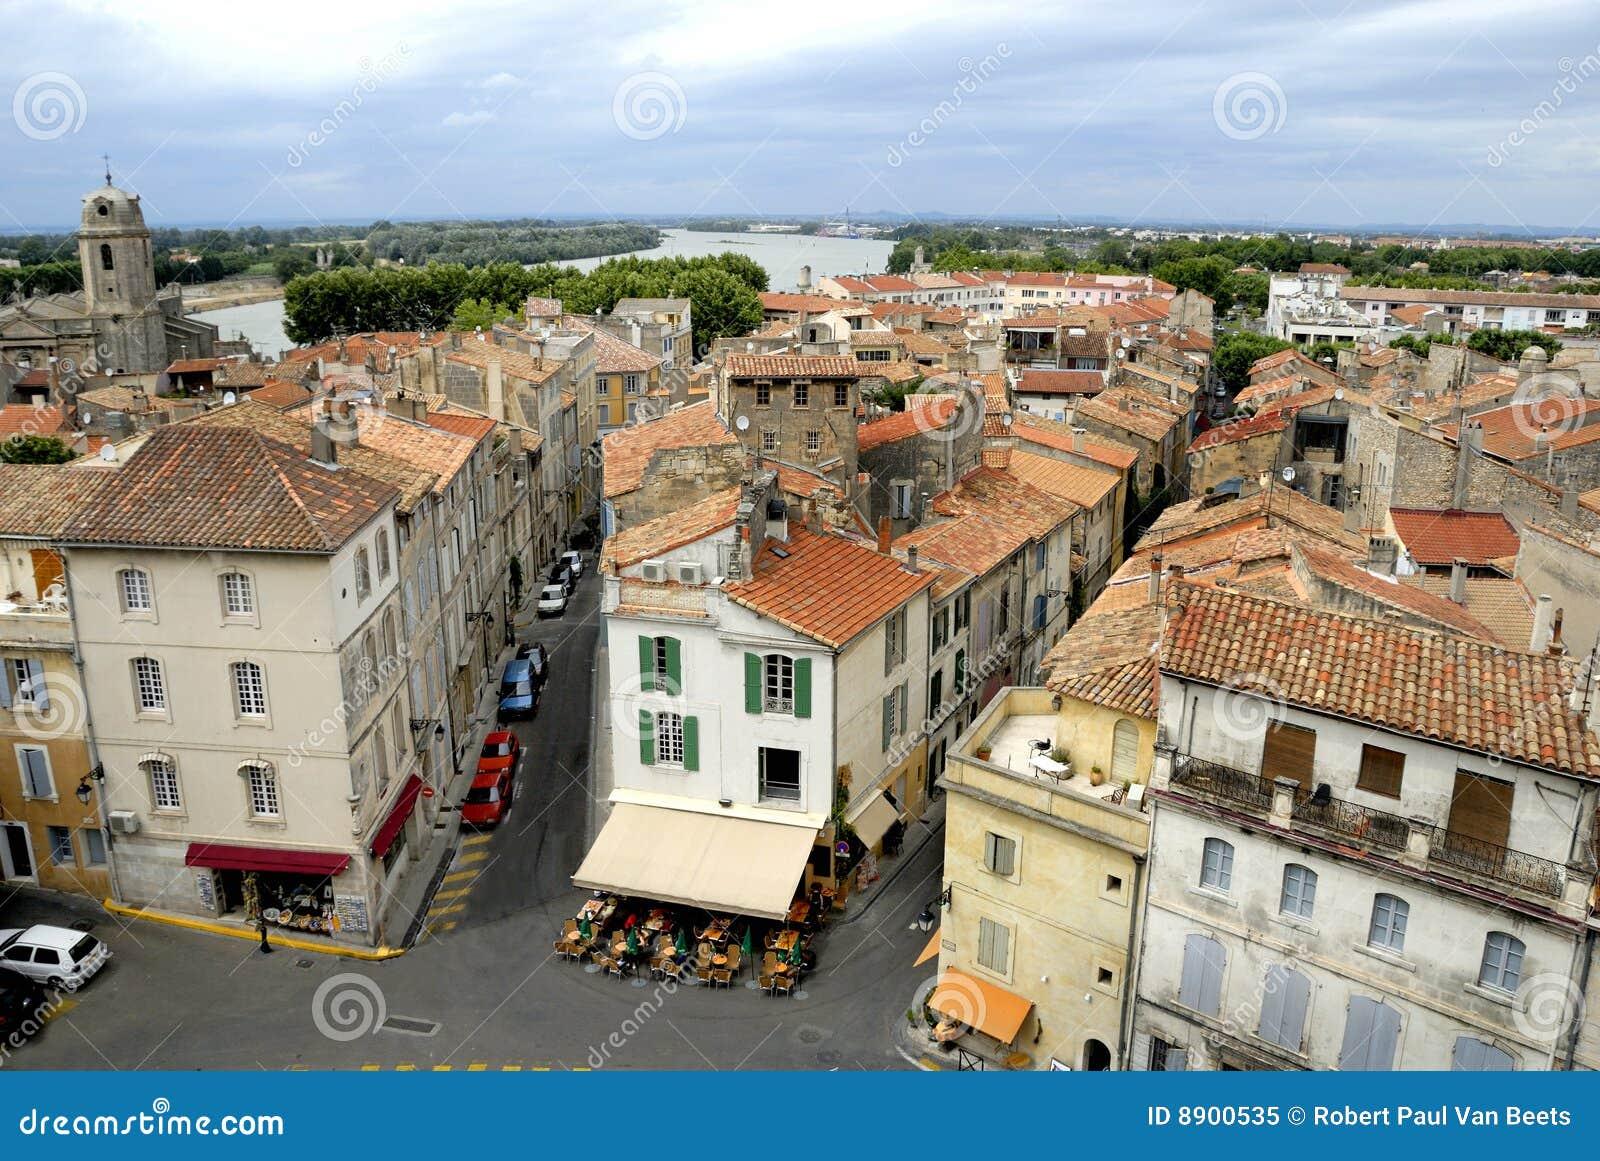 Die Stadt von Arles in Frankreich